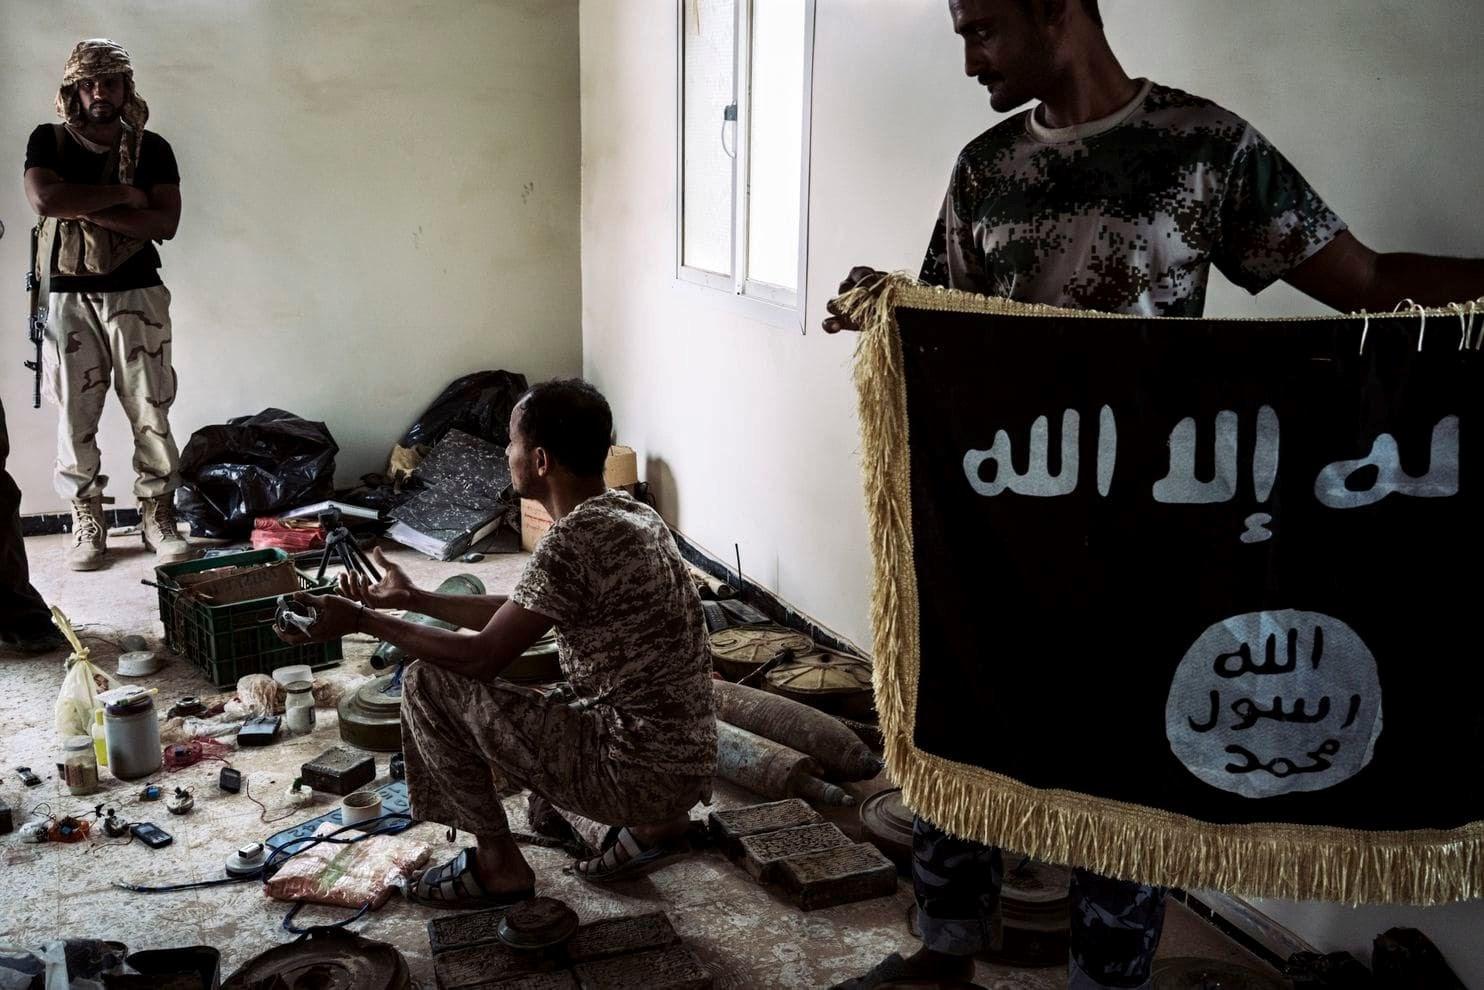 وزارة الداخلية في صنعاء:  استحداث معسكرات تدريبية للقاعدة وداعش برعاية سعودية